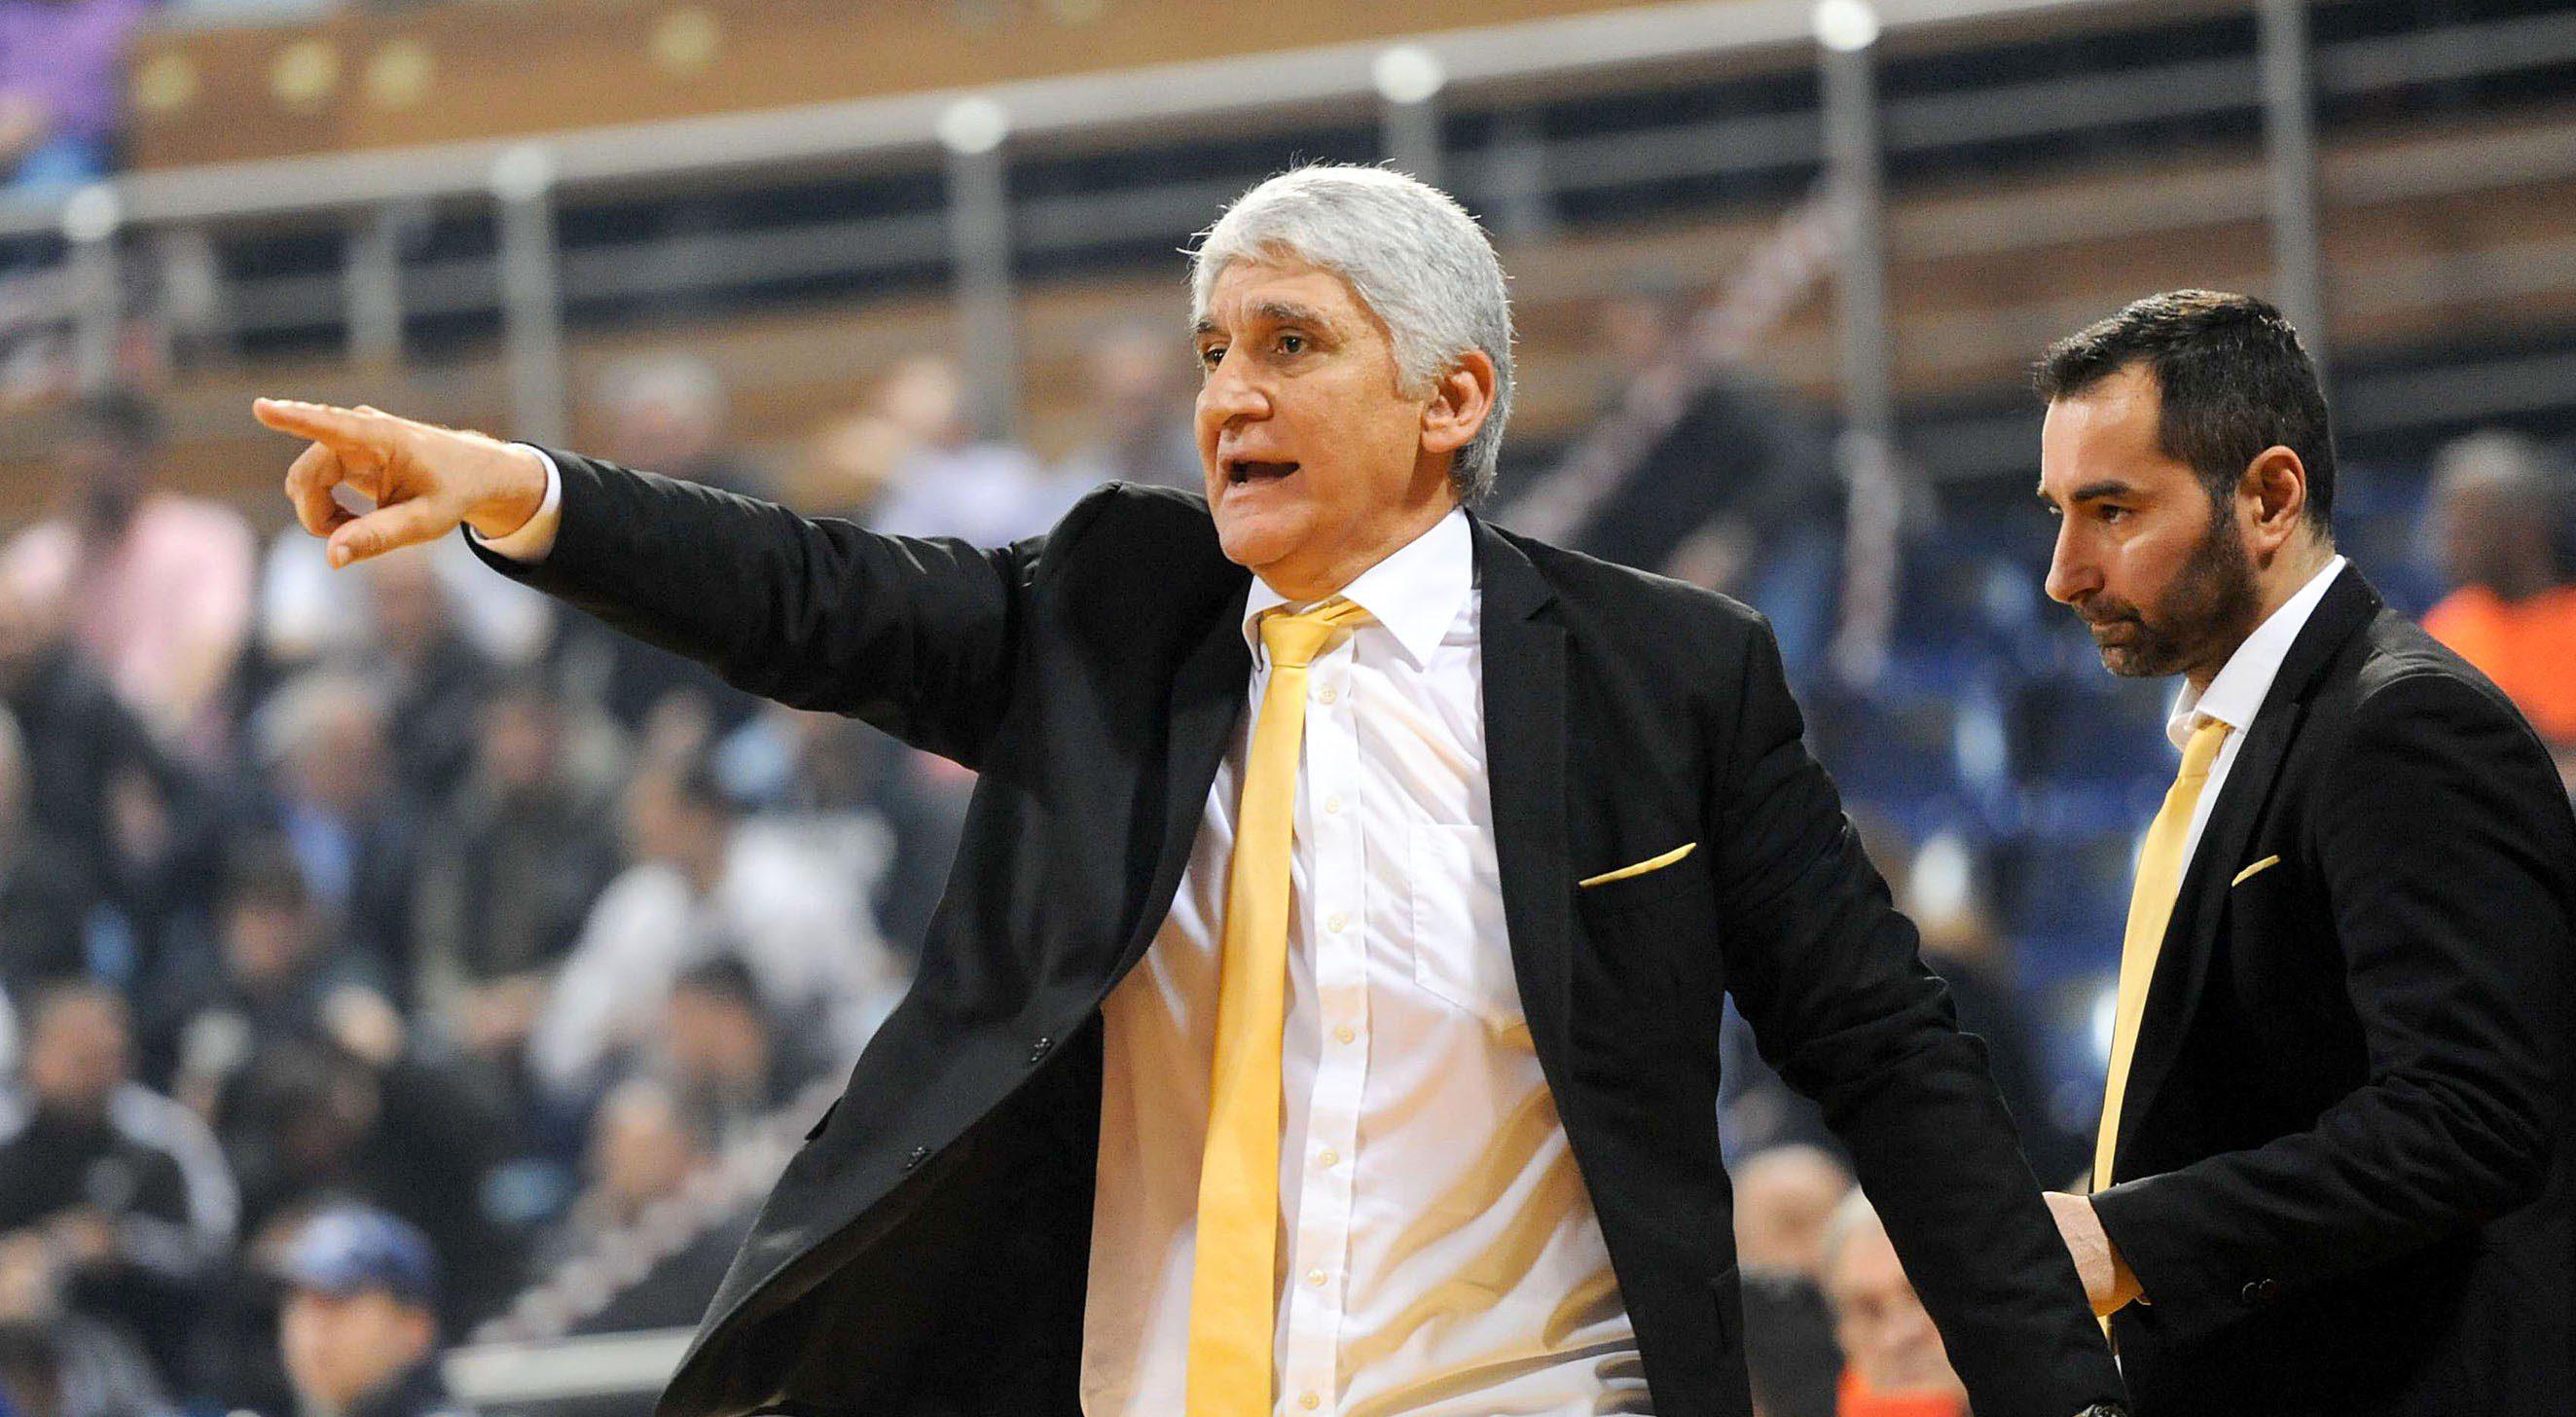 Γιαννάκης: «Θρηνούμε μία μεγάλη απώλεια για το ελληνικό μπάσκετ» - Sportime.GR